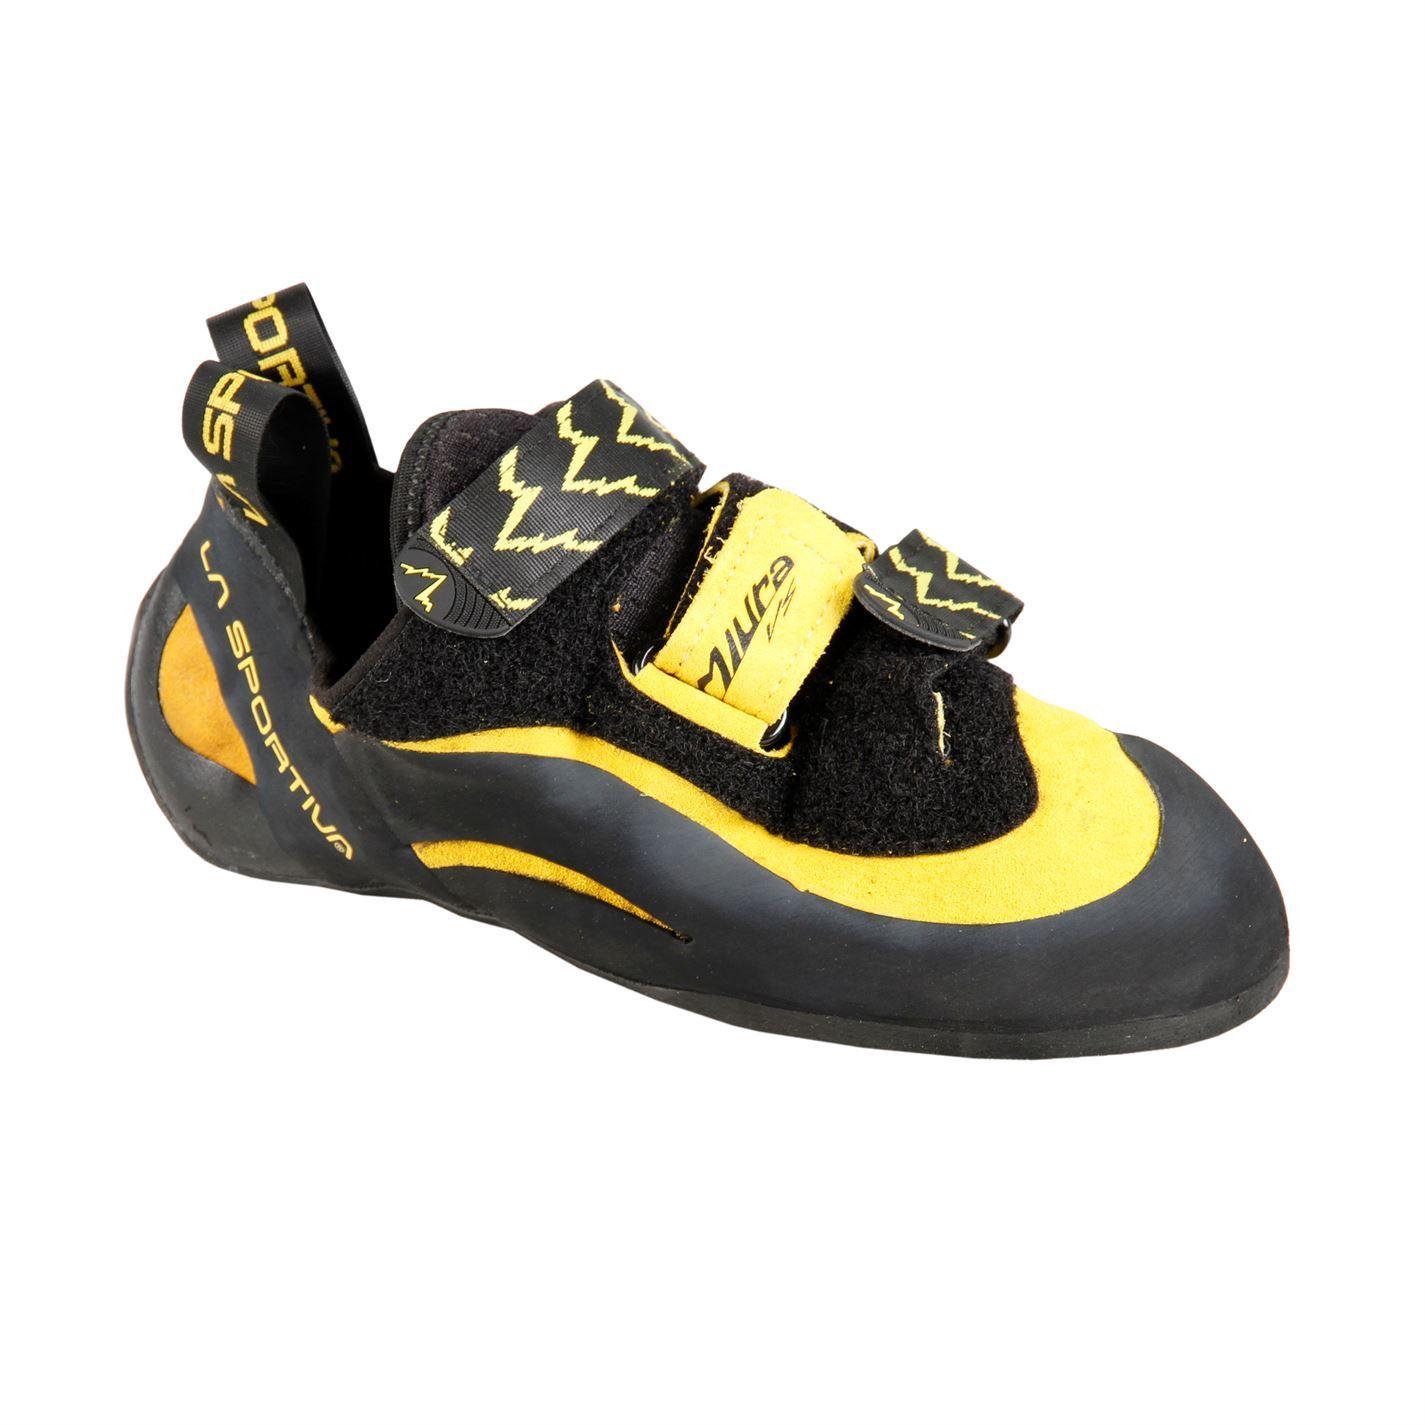 la sportiva mens sport miura vs rock climbing shoes